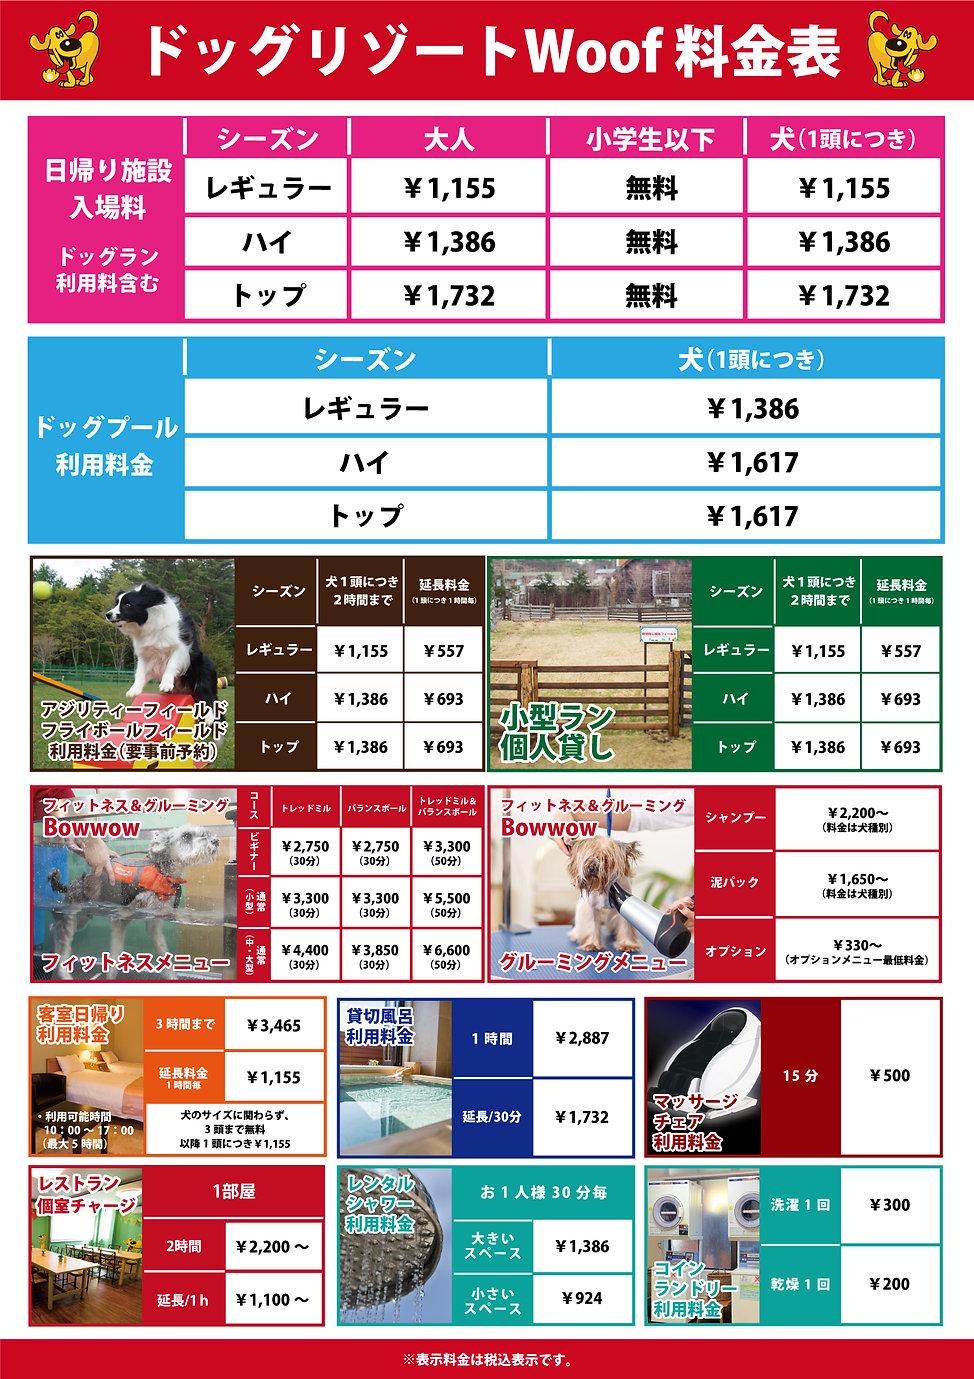 日帰り施設利用料金表 税込み.jpg